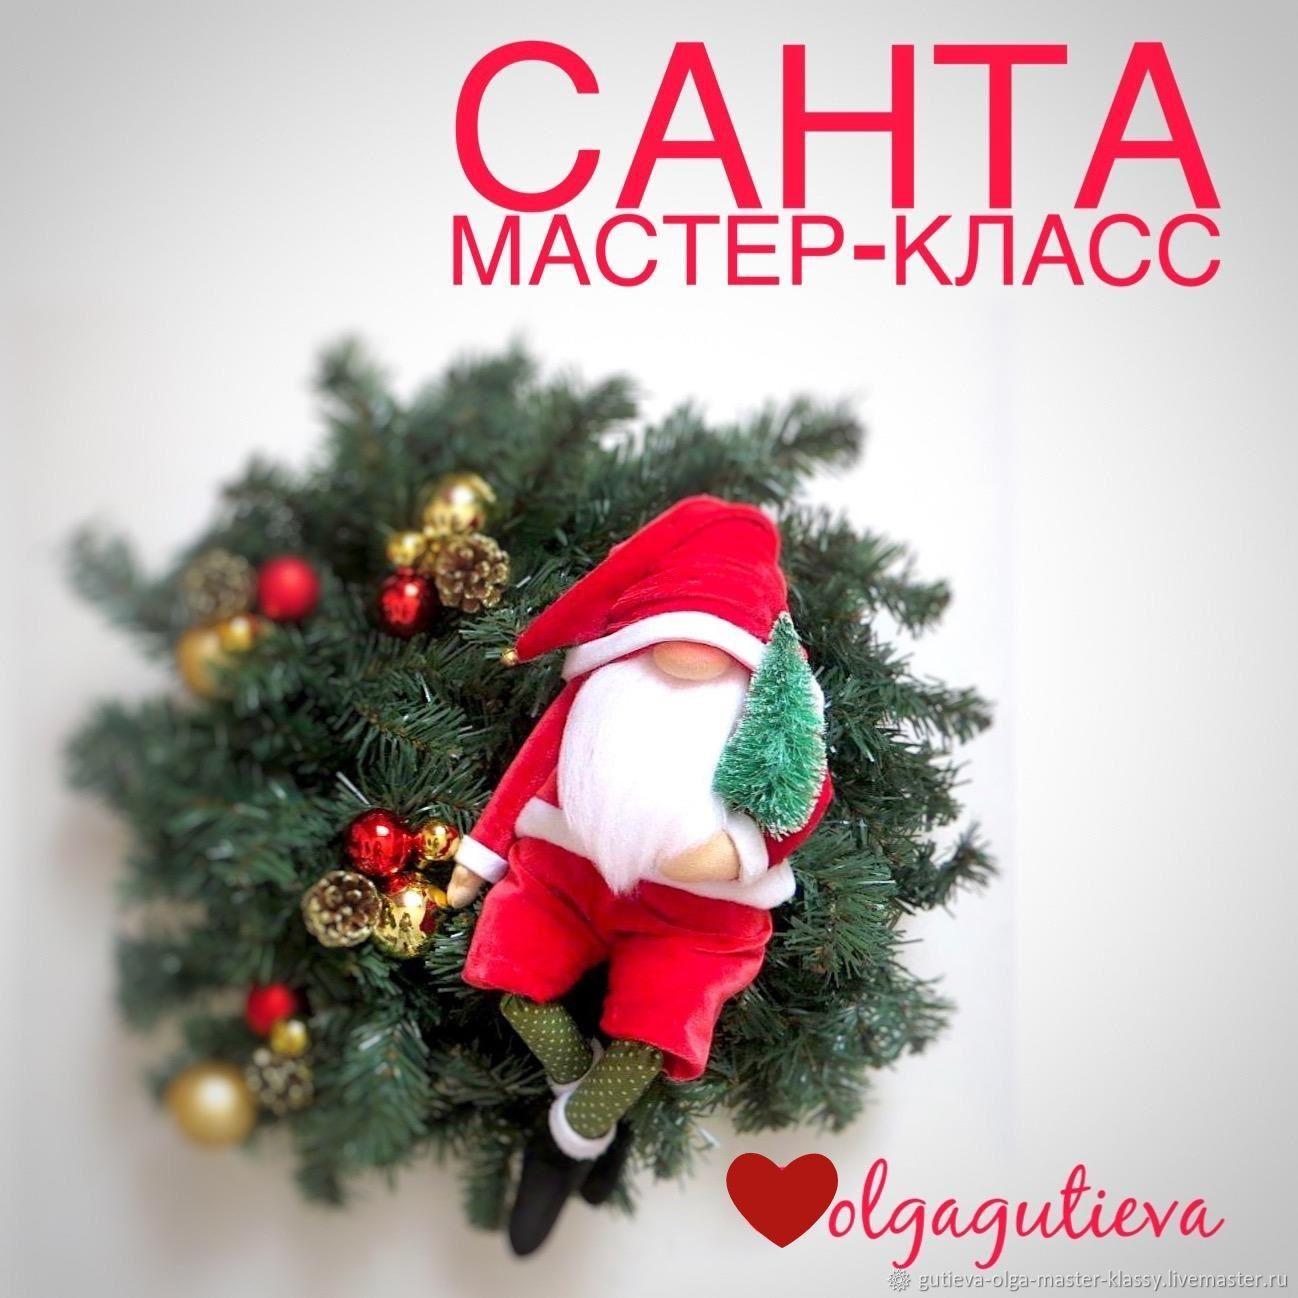 Мастер-класс: Санта, Мастер-классы, Владикавказ,  Фото №1